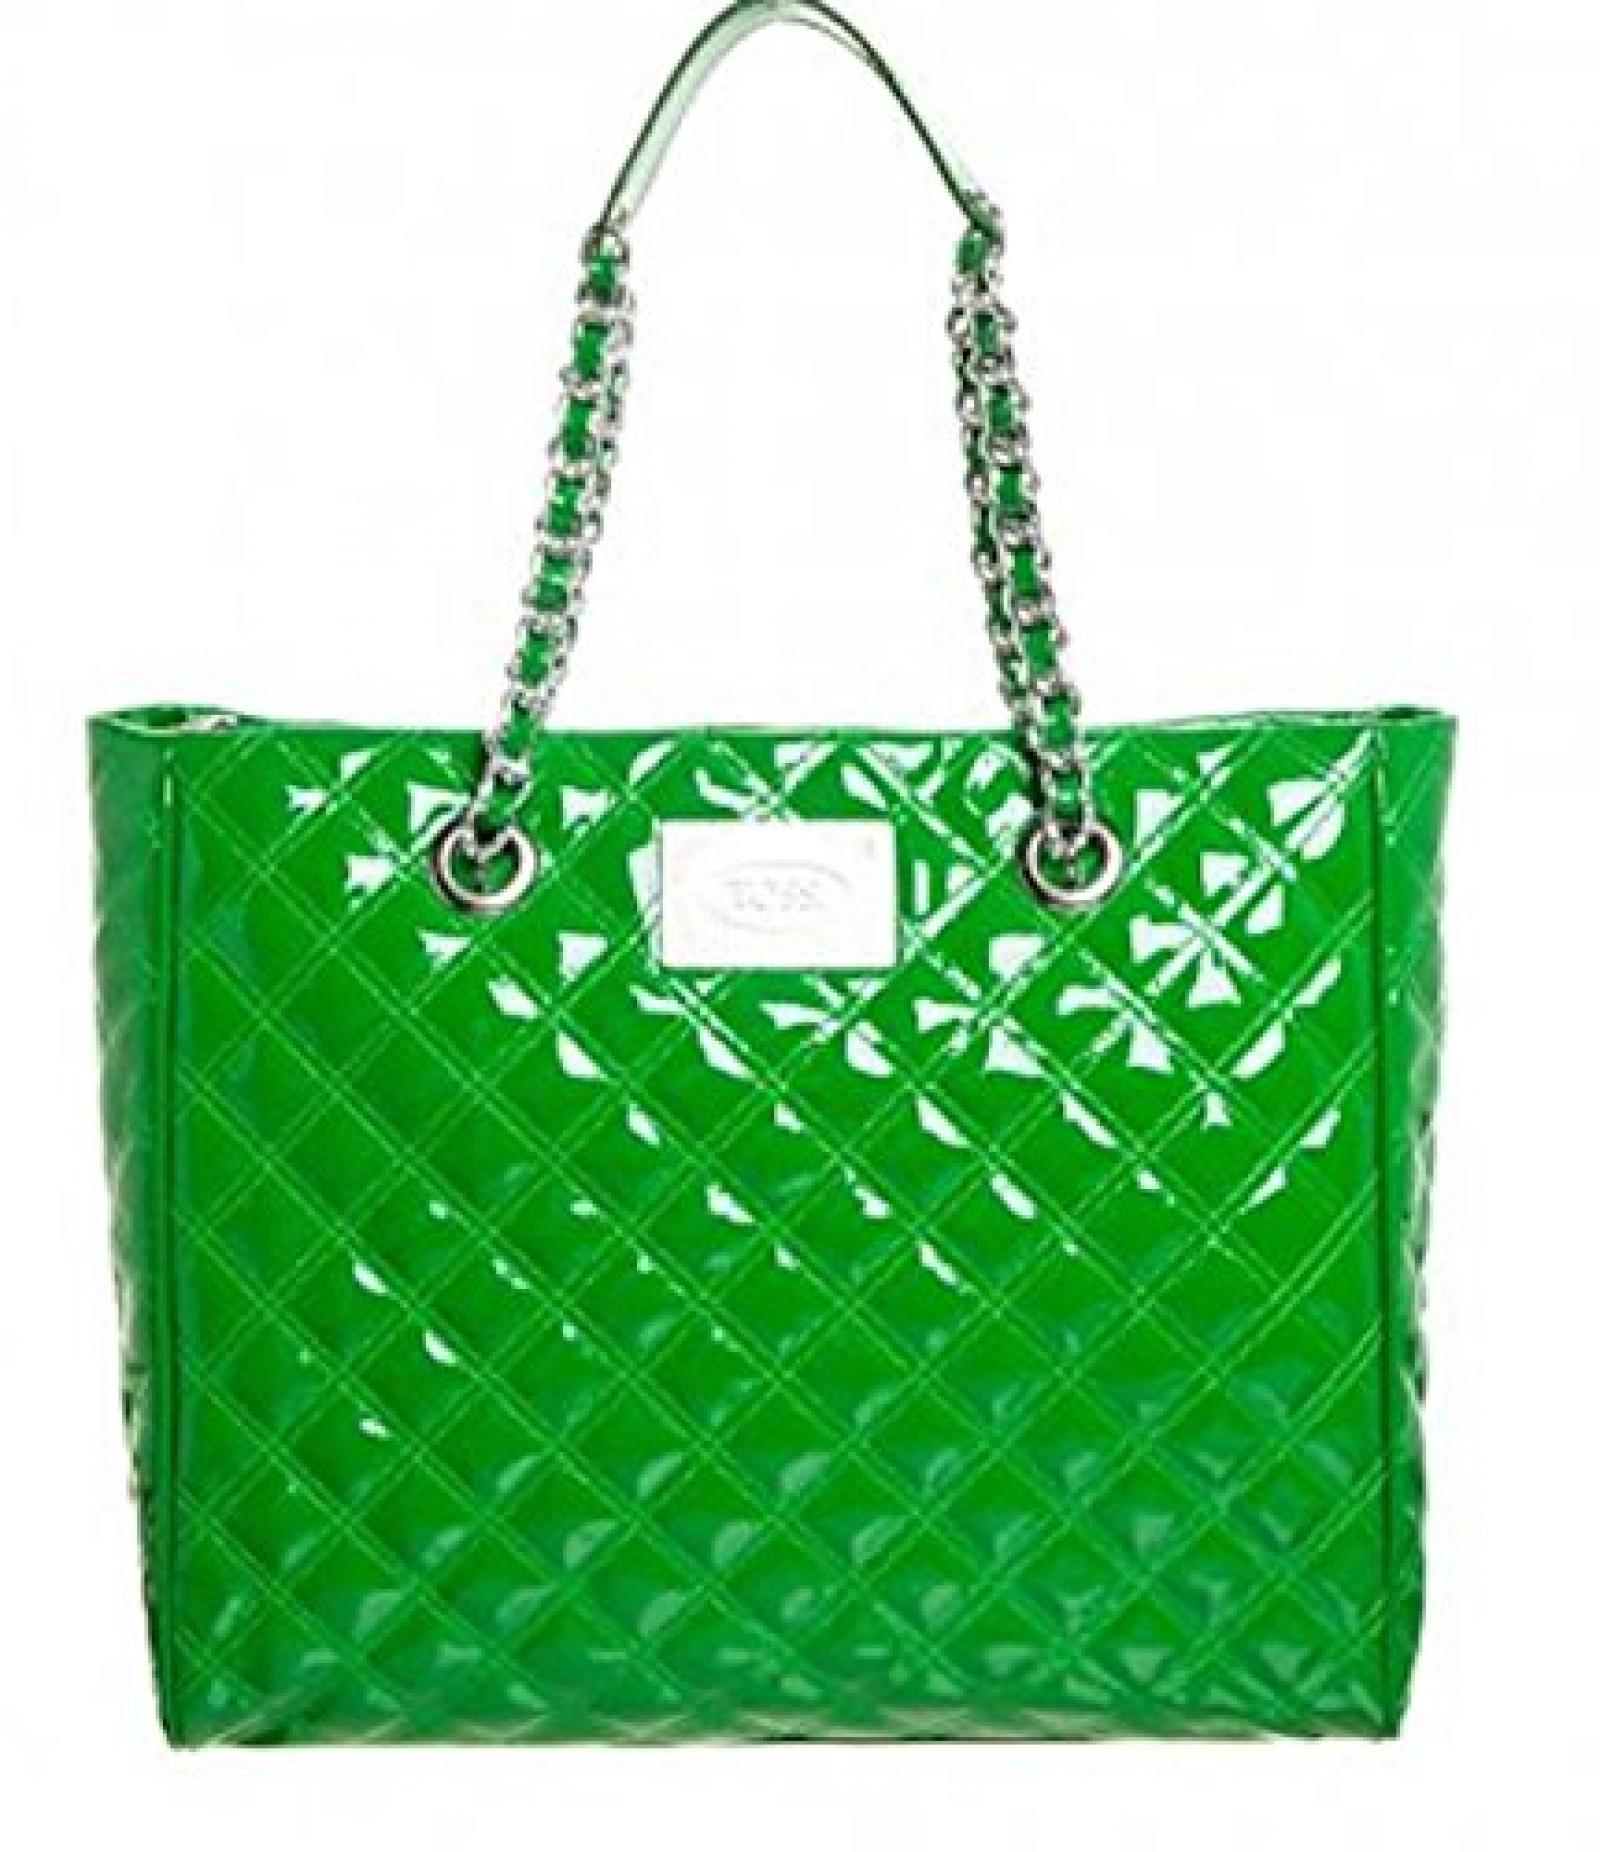 Schöne Silvio Tossi Handtasche im grünen Lackleder